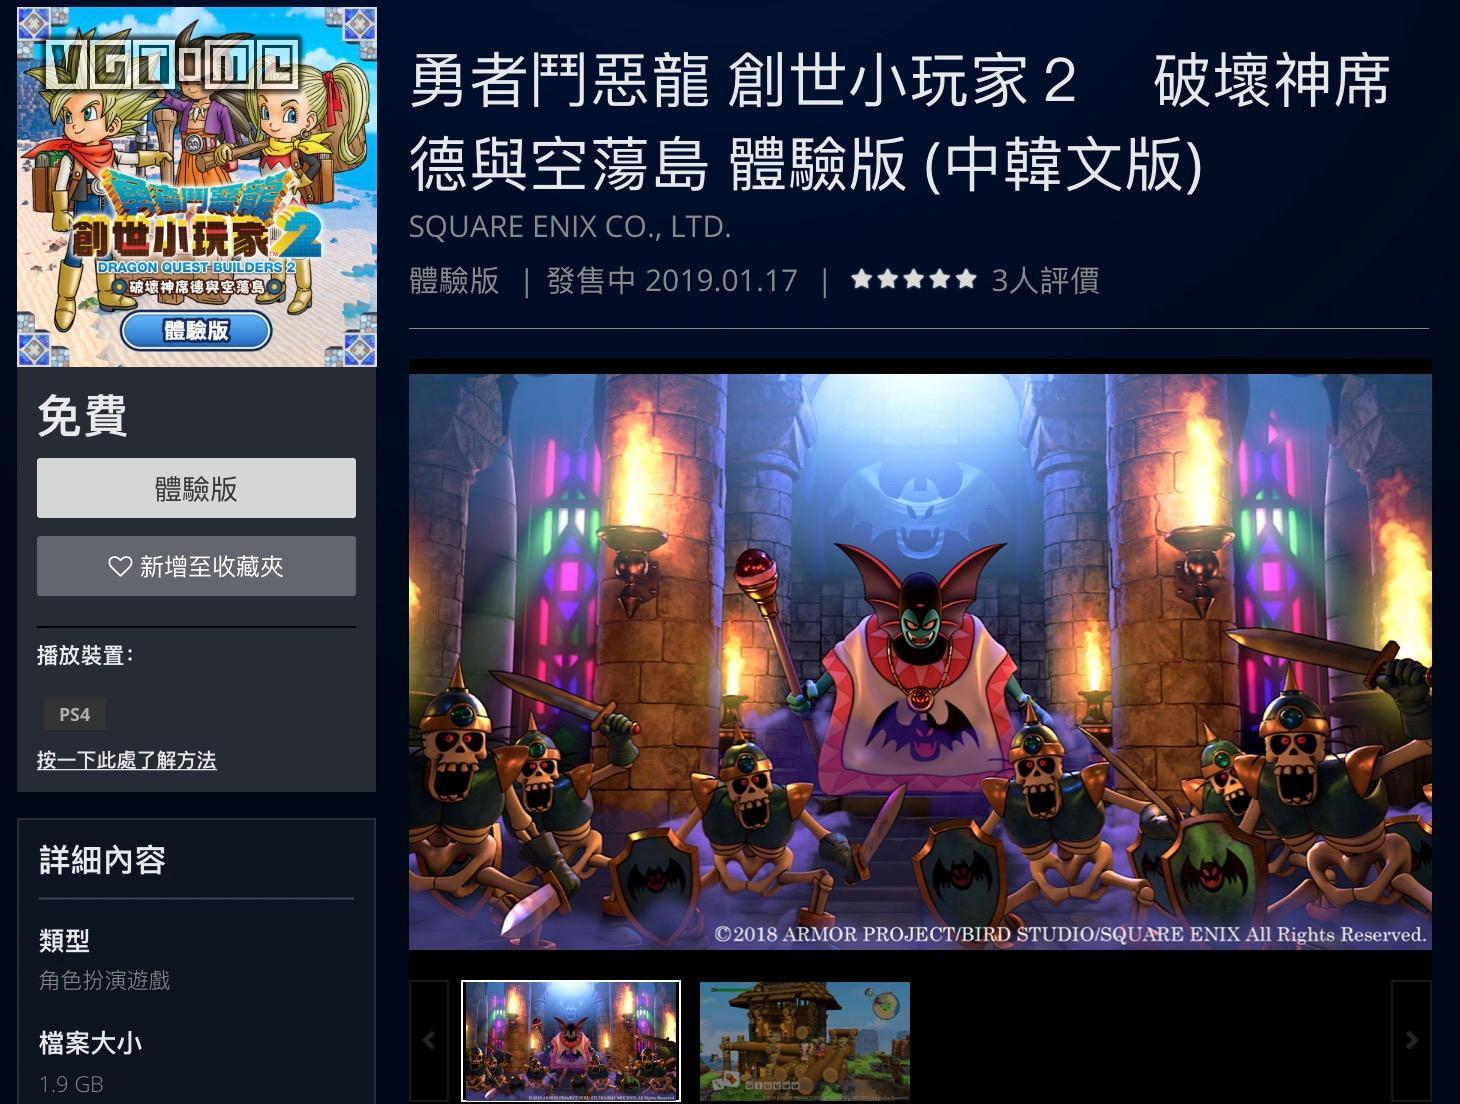 PS4《勇者斗恶龙 建造者2》中文试玩版登陆港服商店